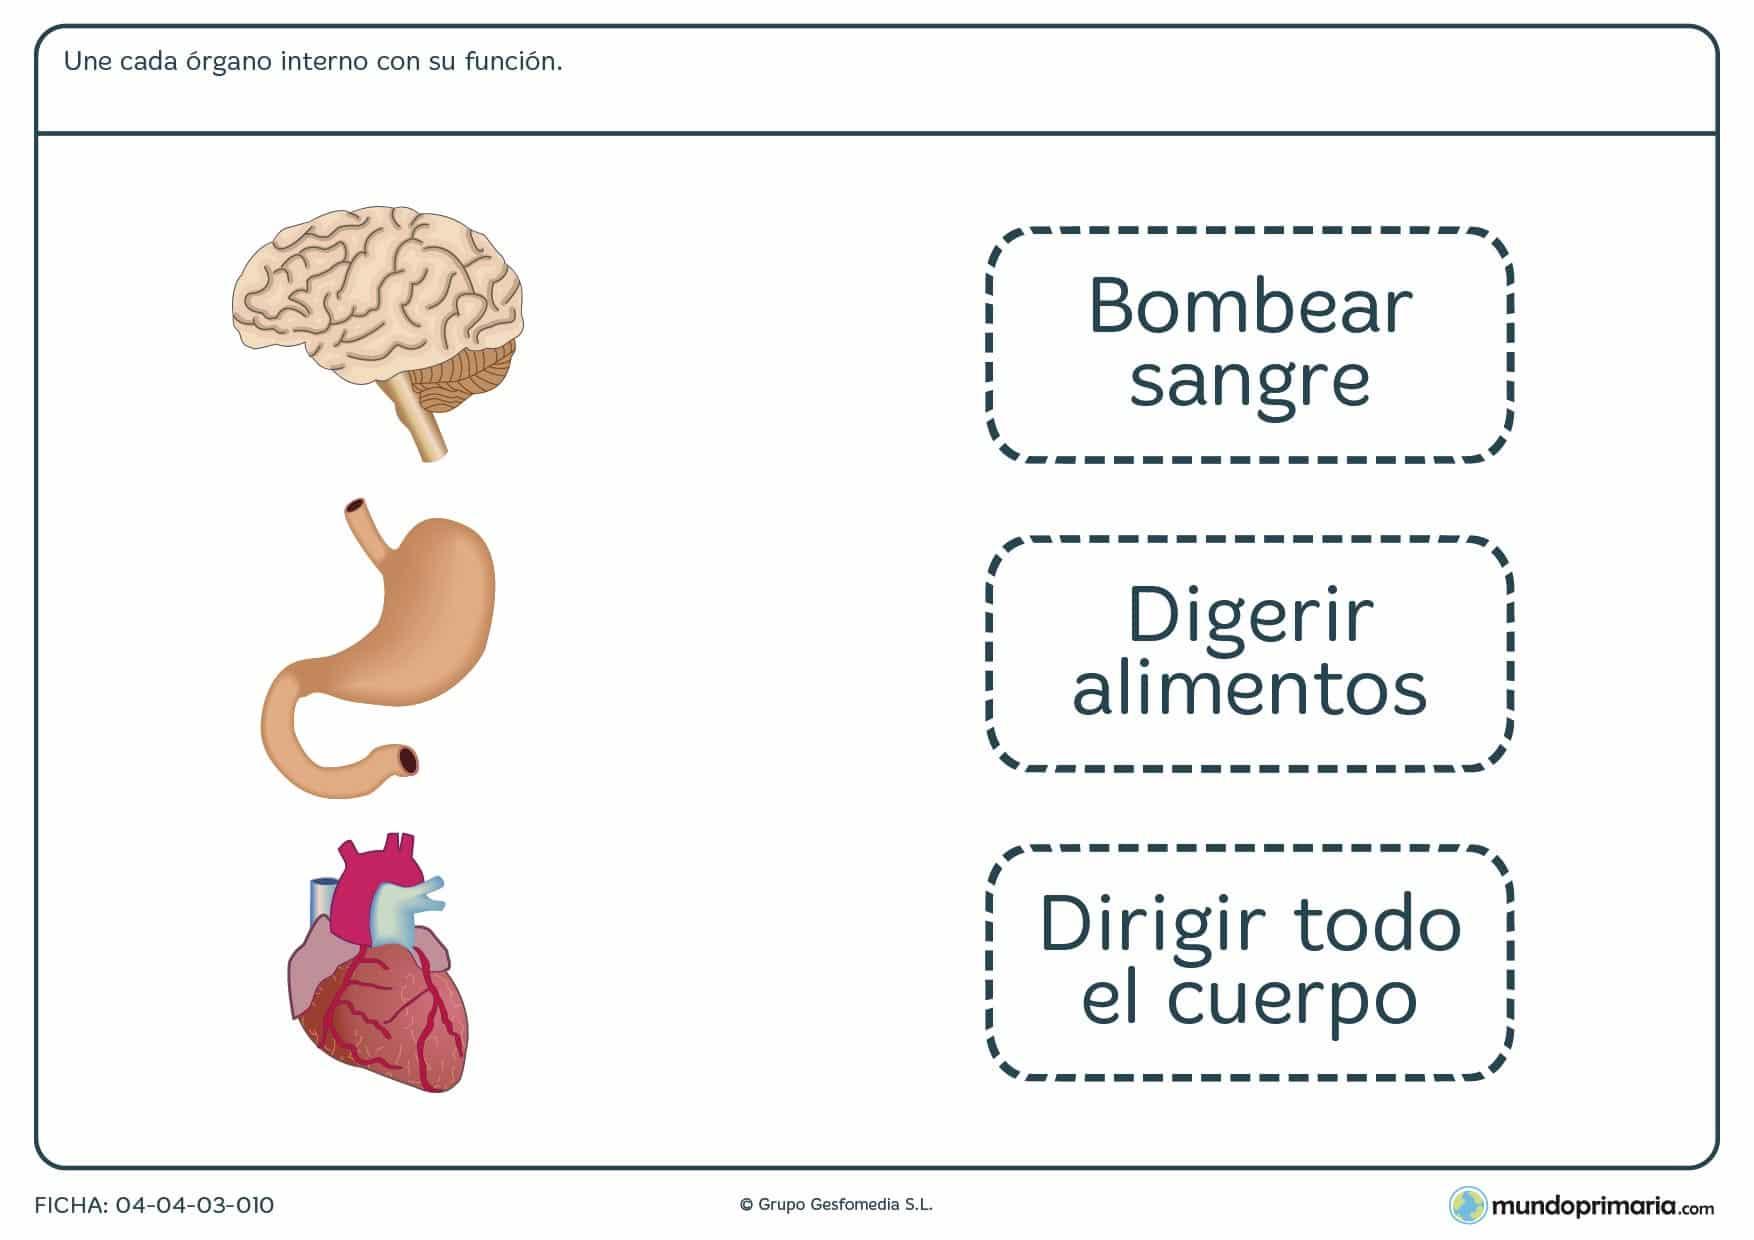 Imagenes de organos internos del cuerpo humano para niños - Imagui